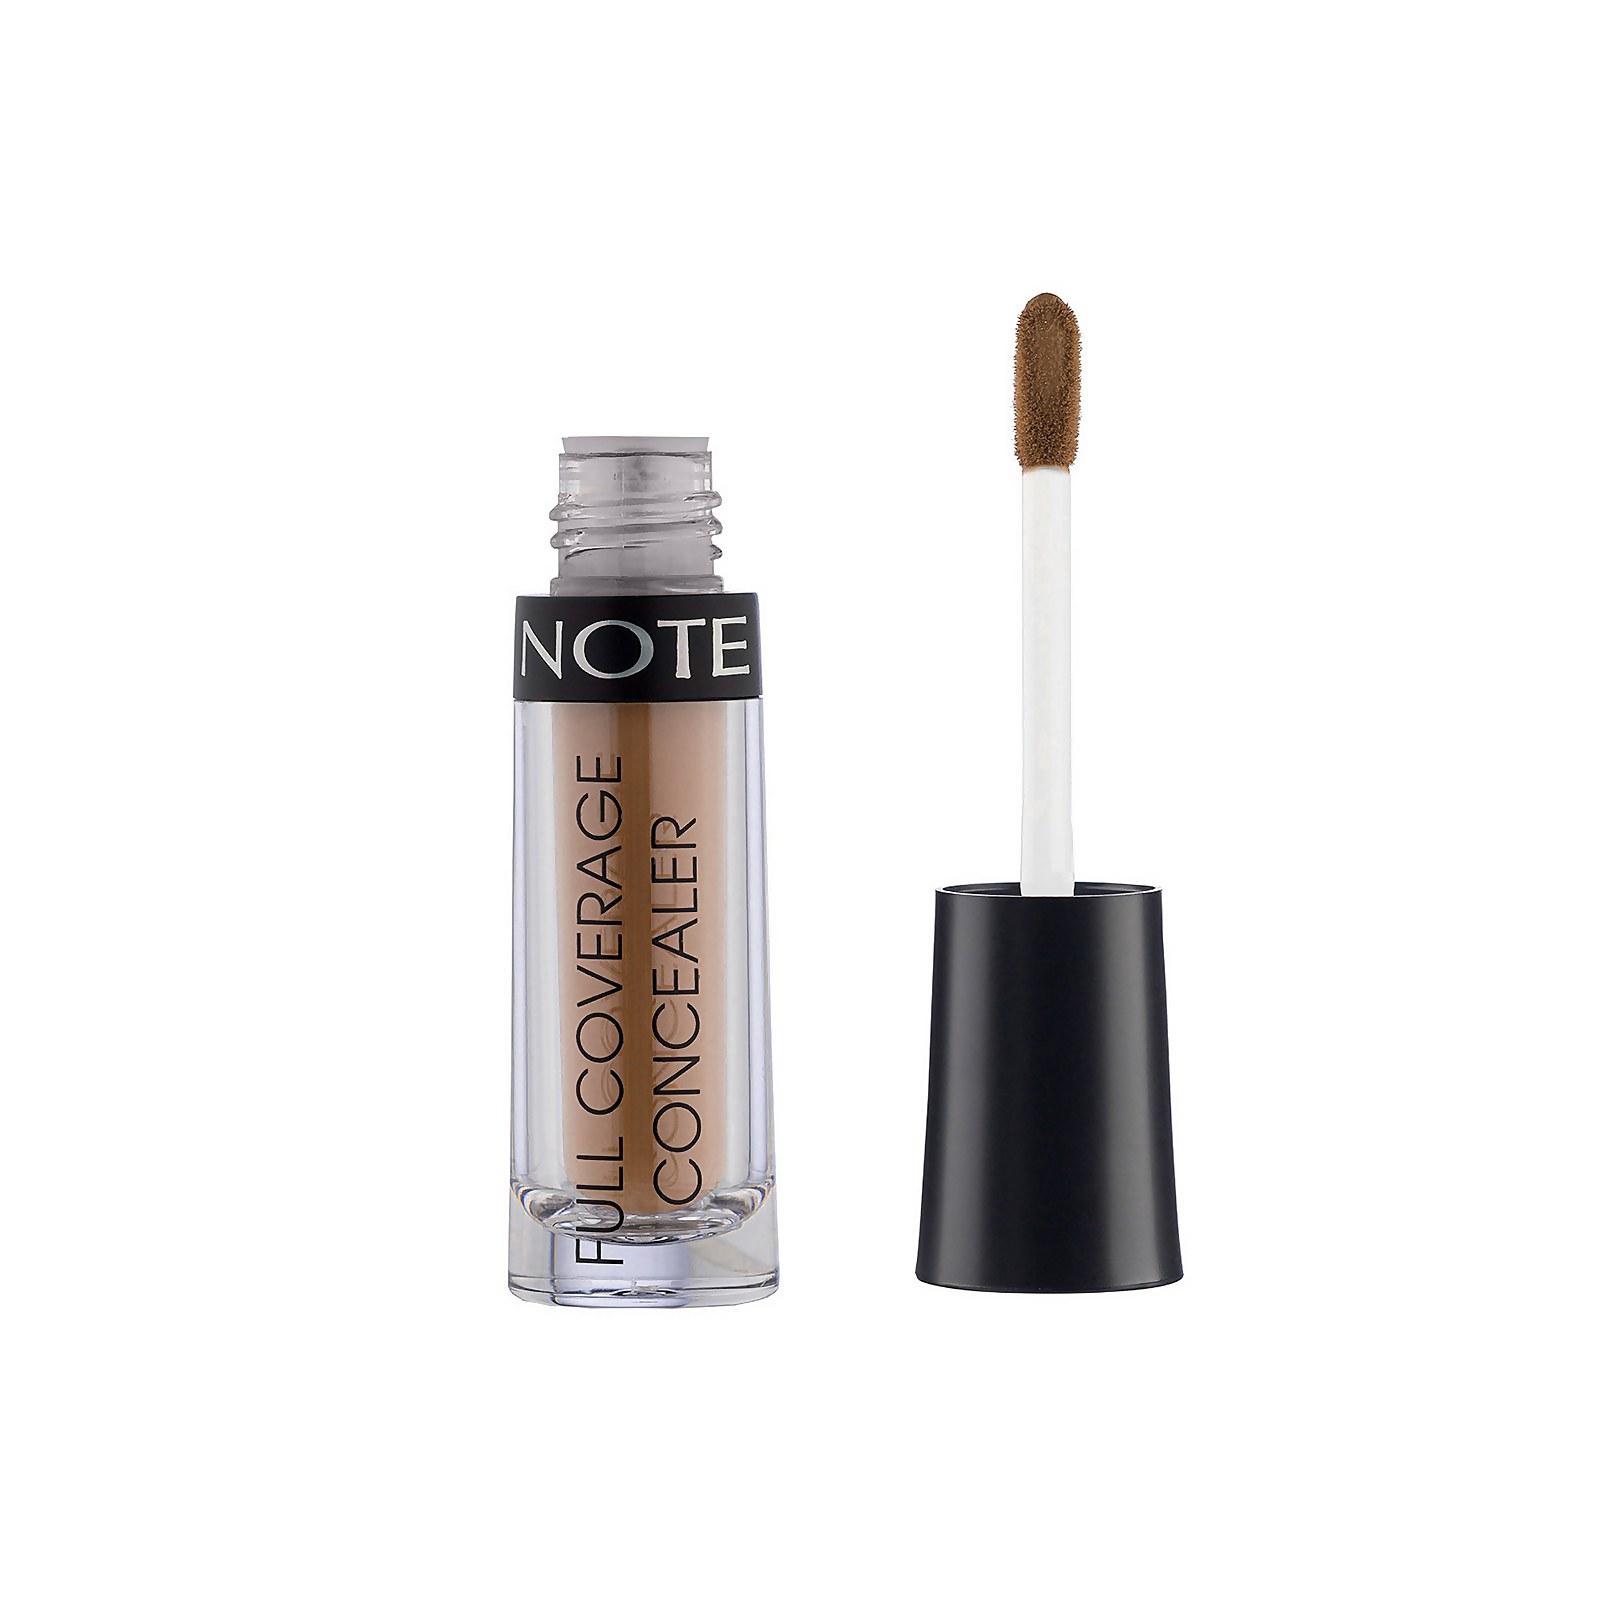 Купить Жидкий консилер Note Cosmetics Full Coverage Liquid Concealer 2, 3 мл (различные оттенки) - 400 Cool Honey